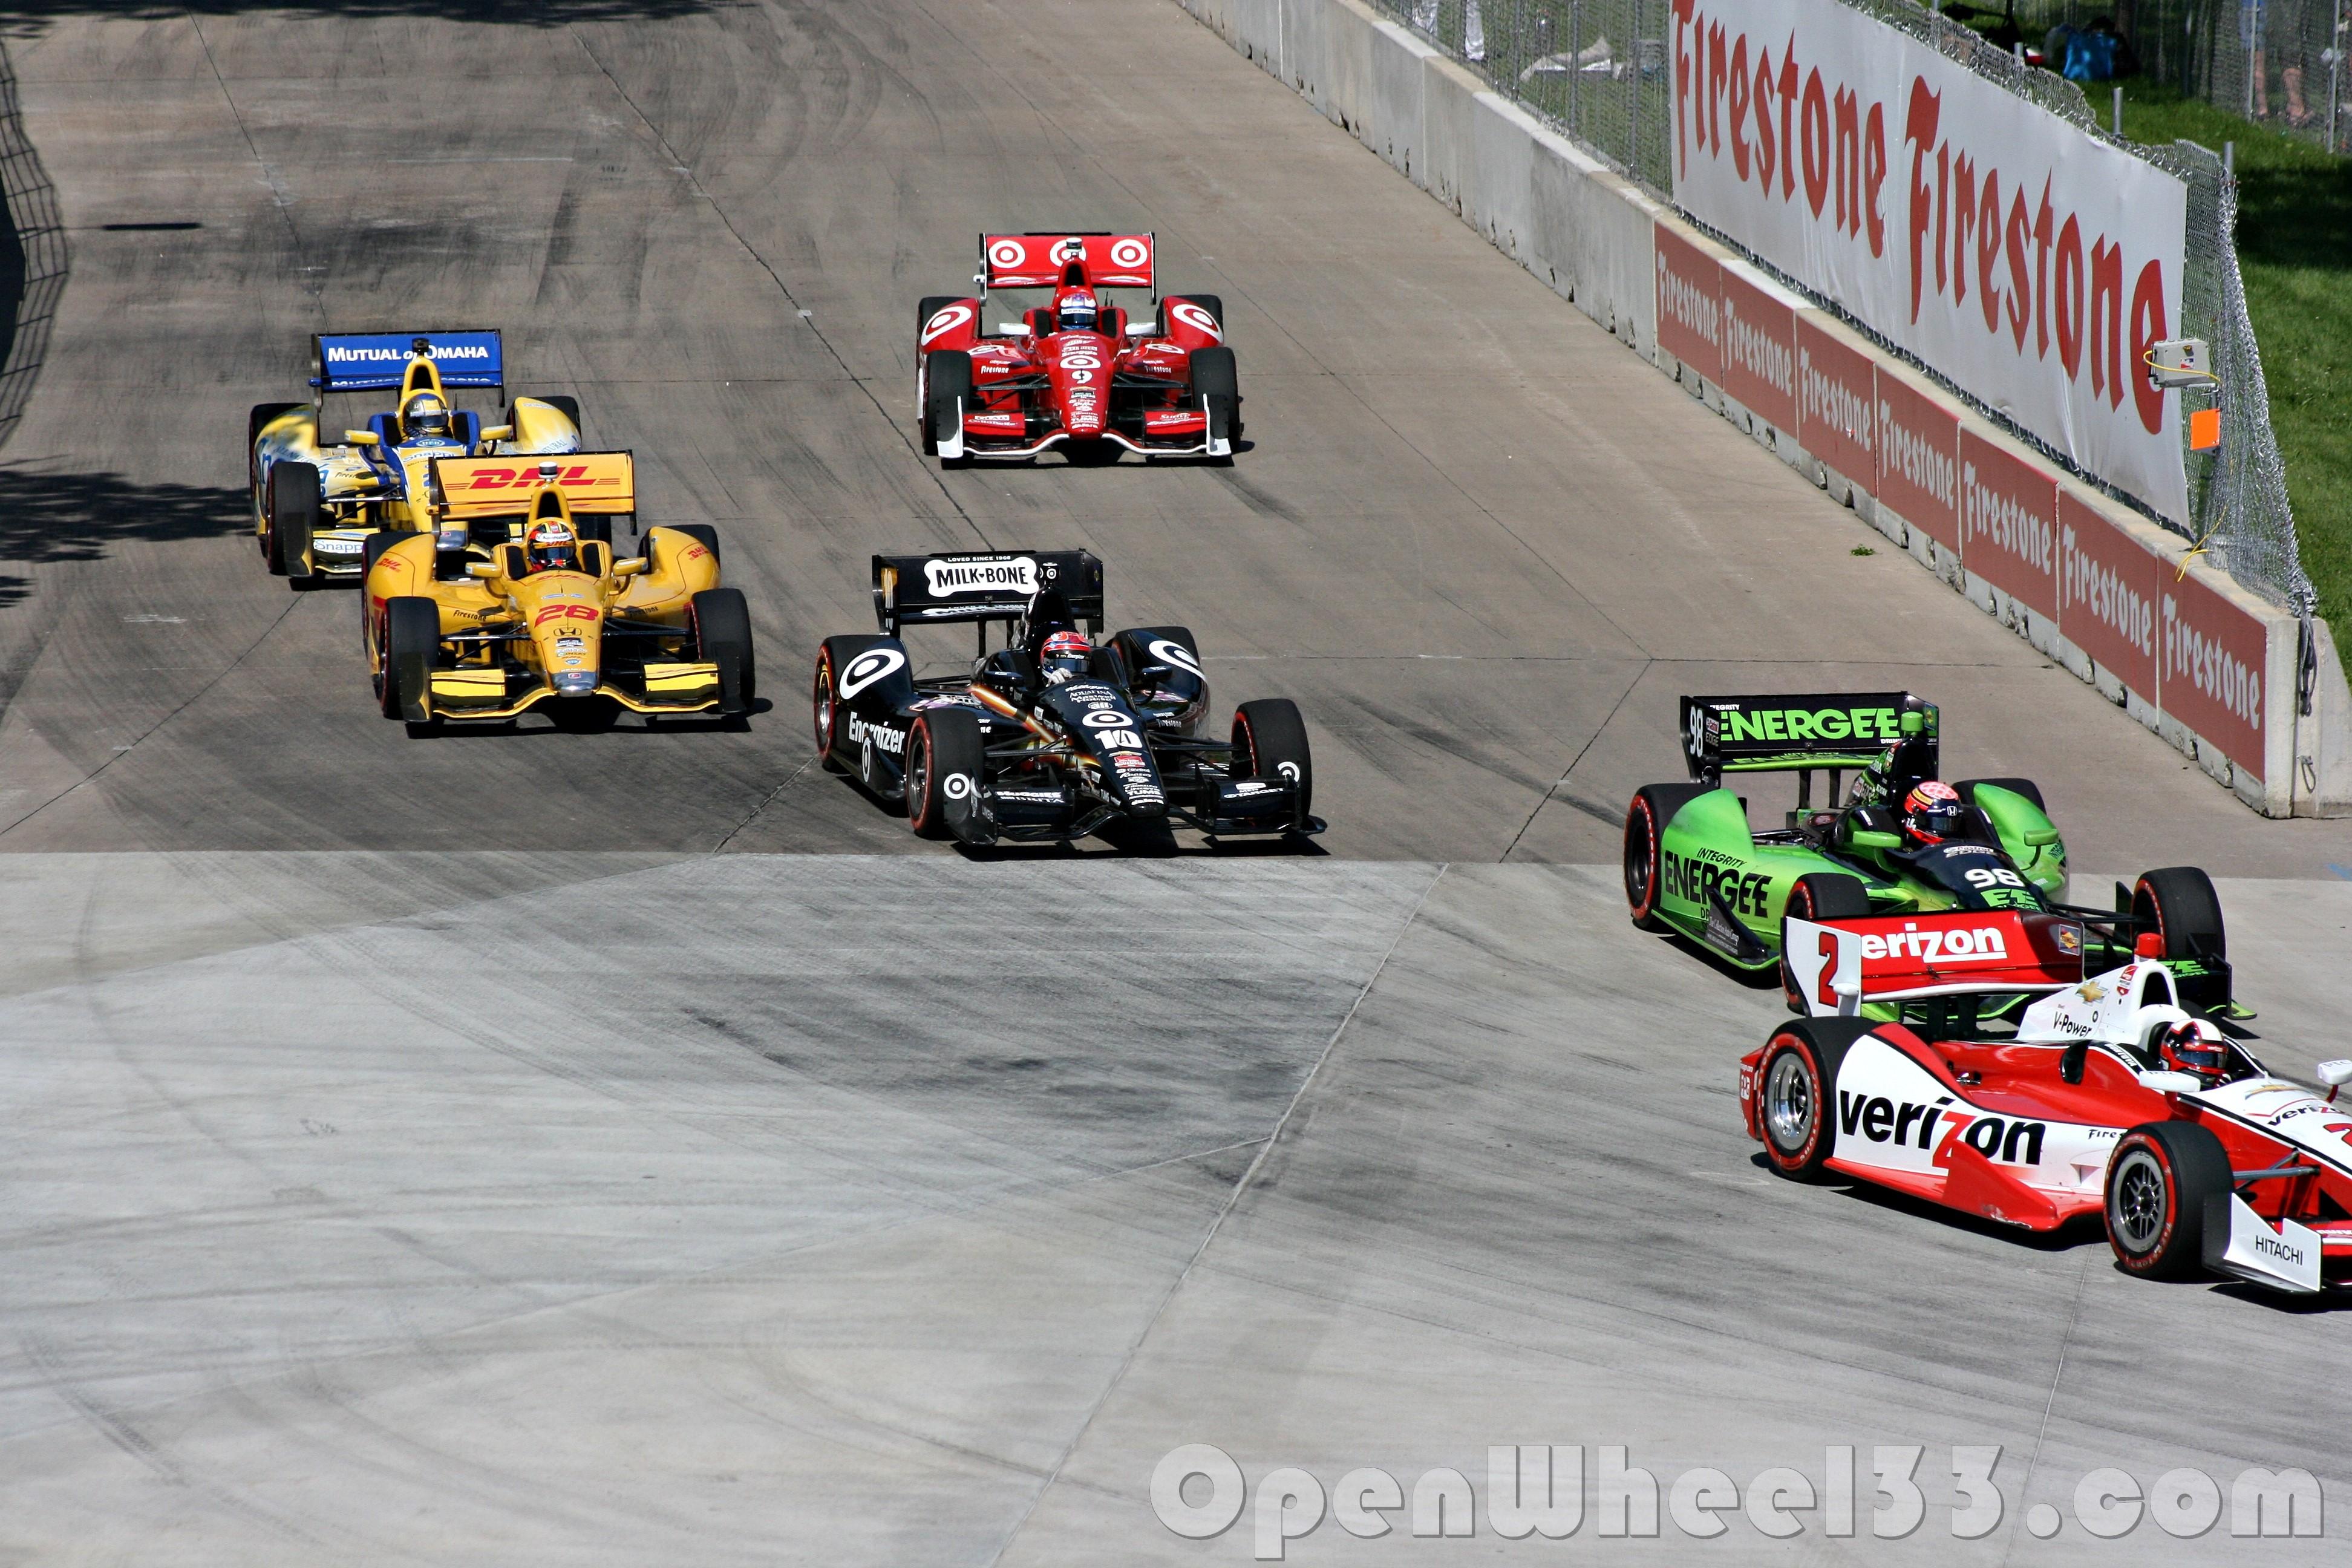 2014 Detroit GP R2 - 6 - PH